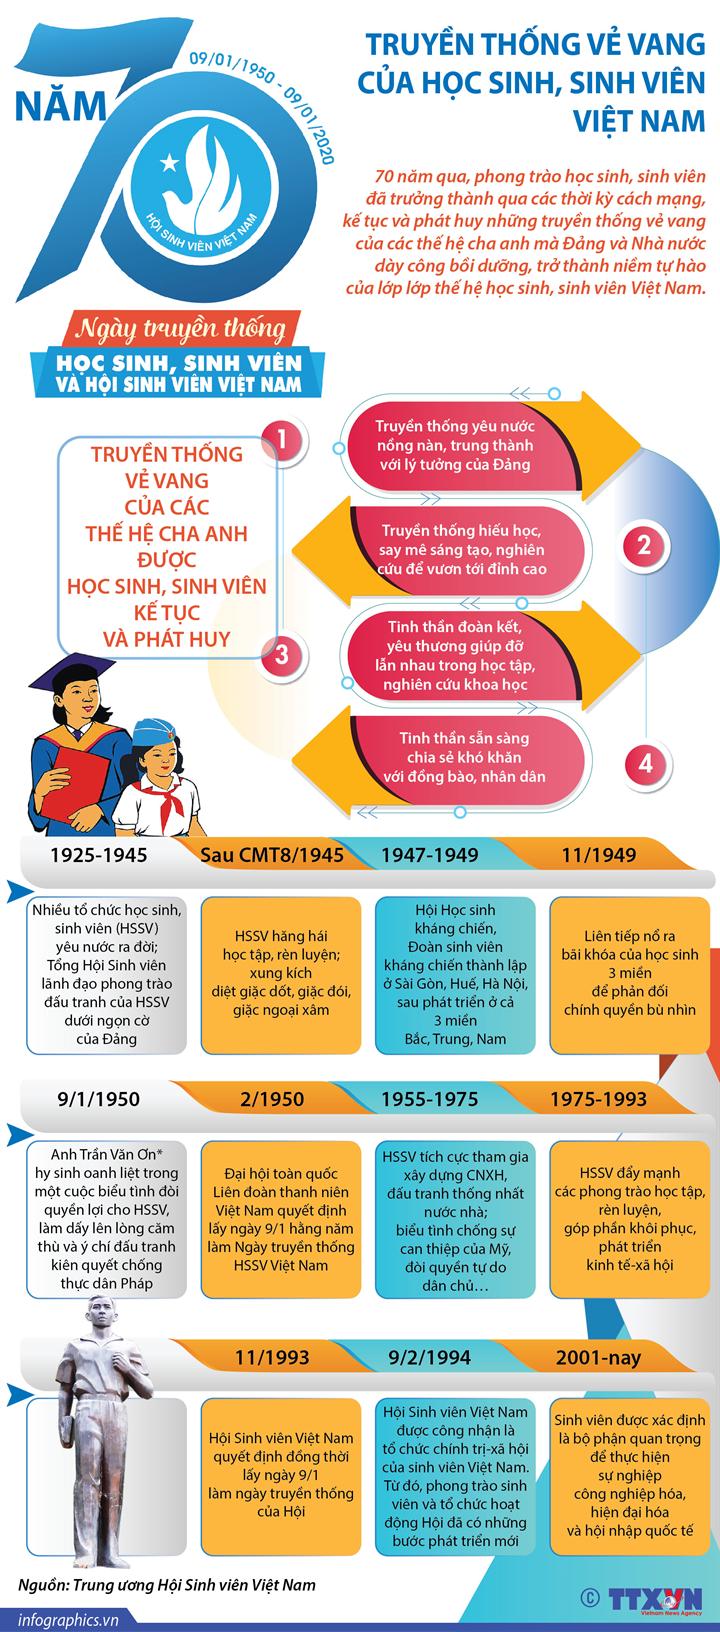 70 năm truyền thống vẻ vang của học sinh, sinh viên Việt Nam